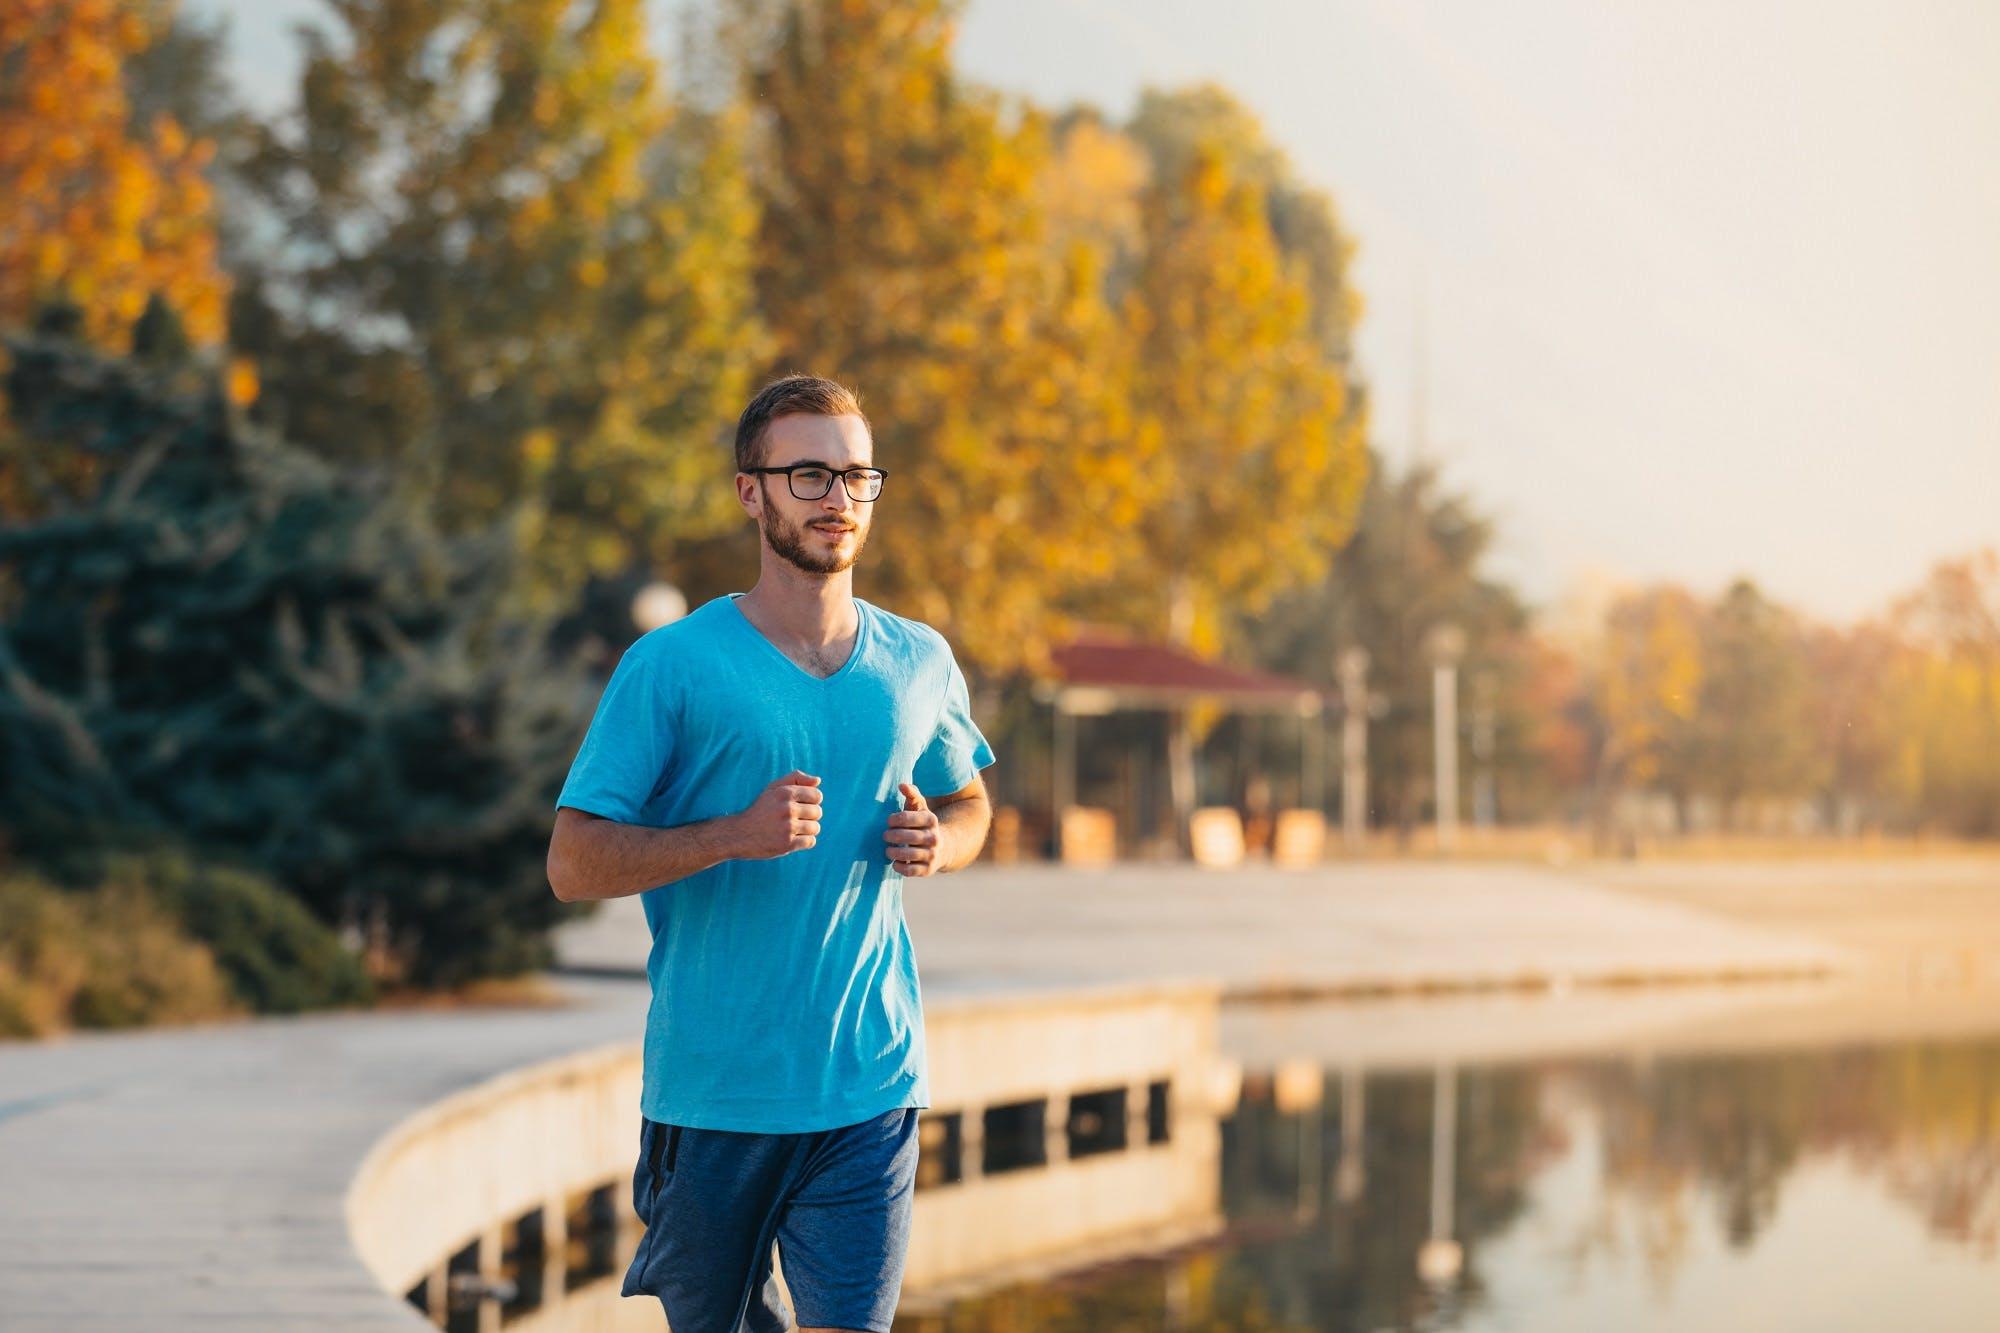 Μπορεί το πρόβλημα όρασης να μας επηρεάσει στο τρέξιμο;